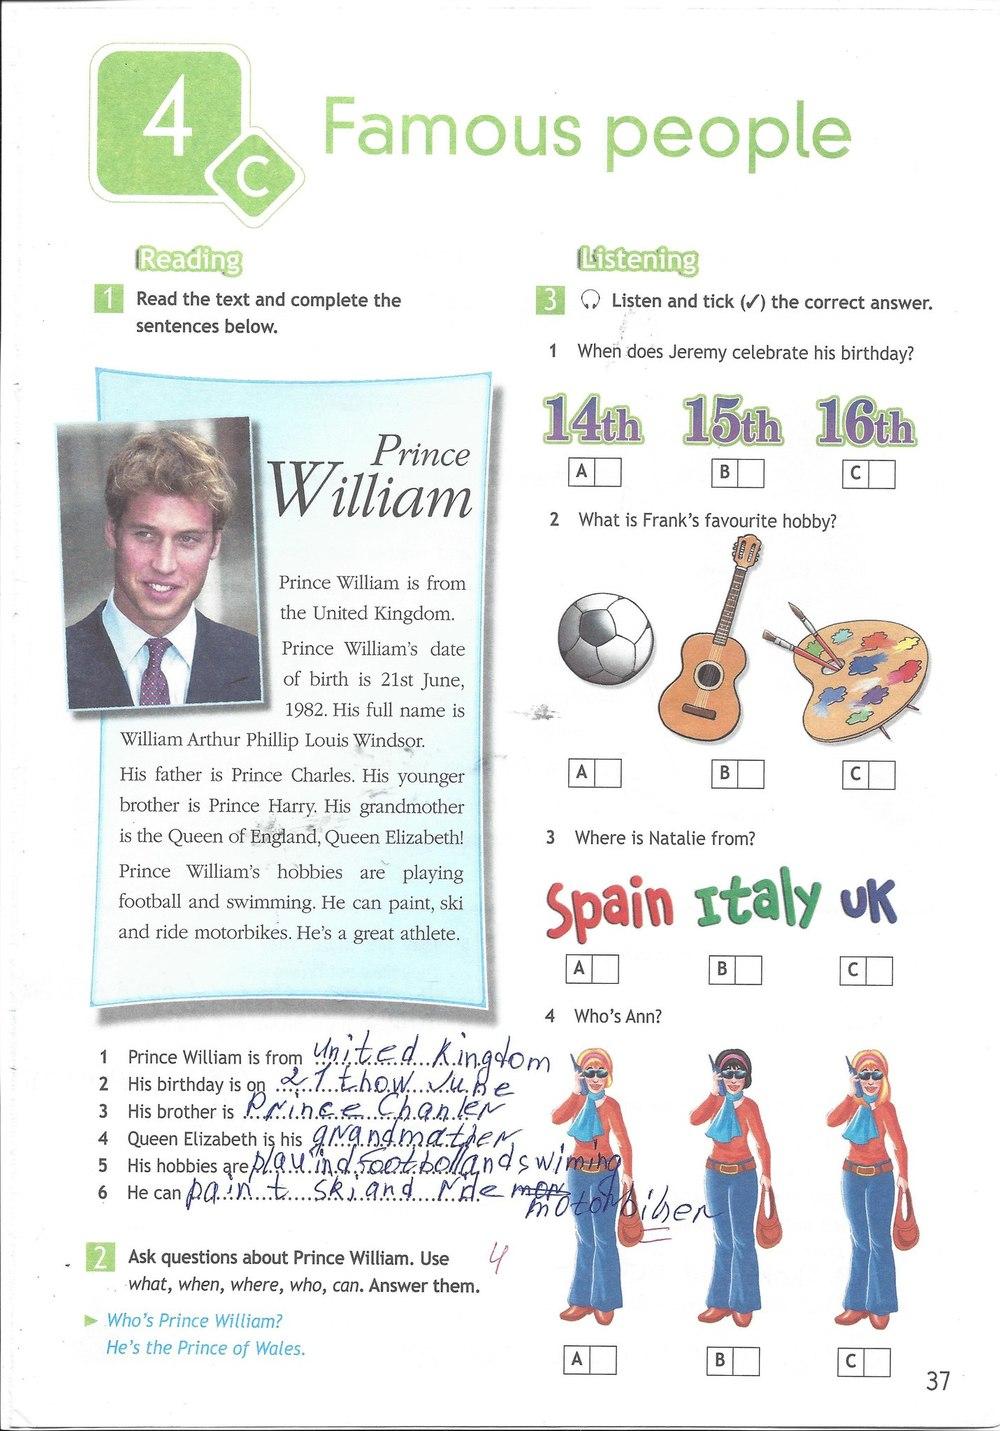 гдз к учебнику spotlight по английскому языку 5 класс